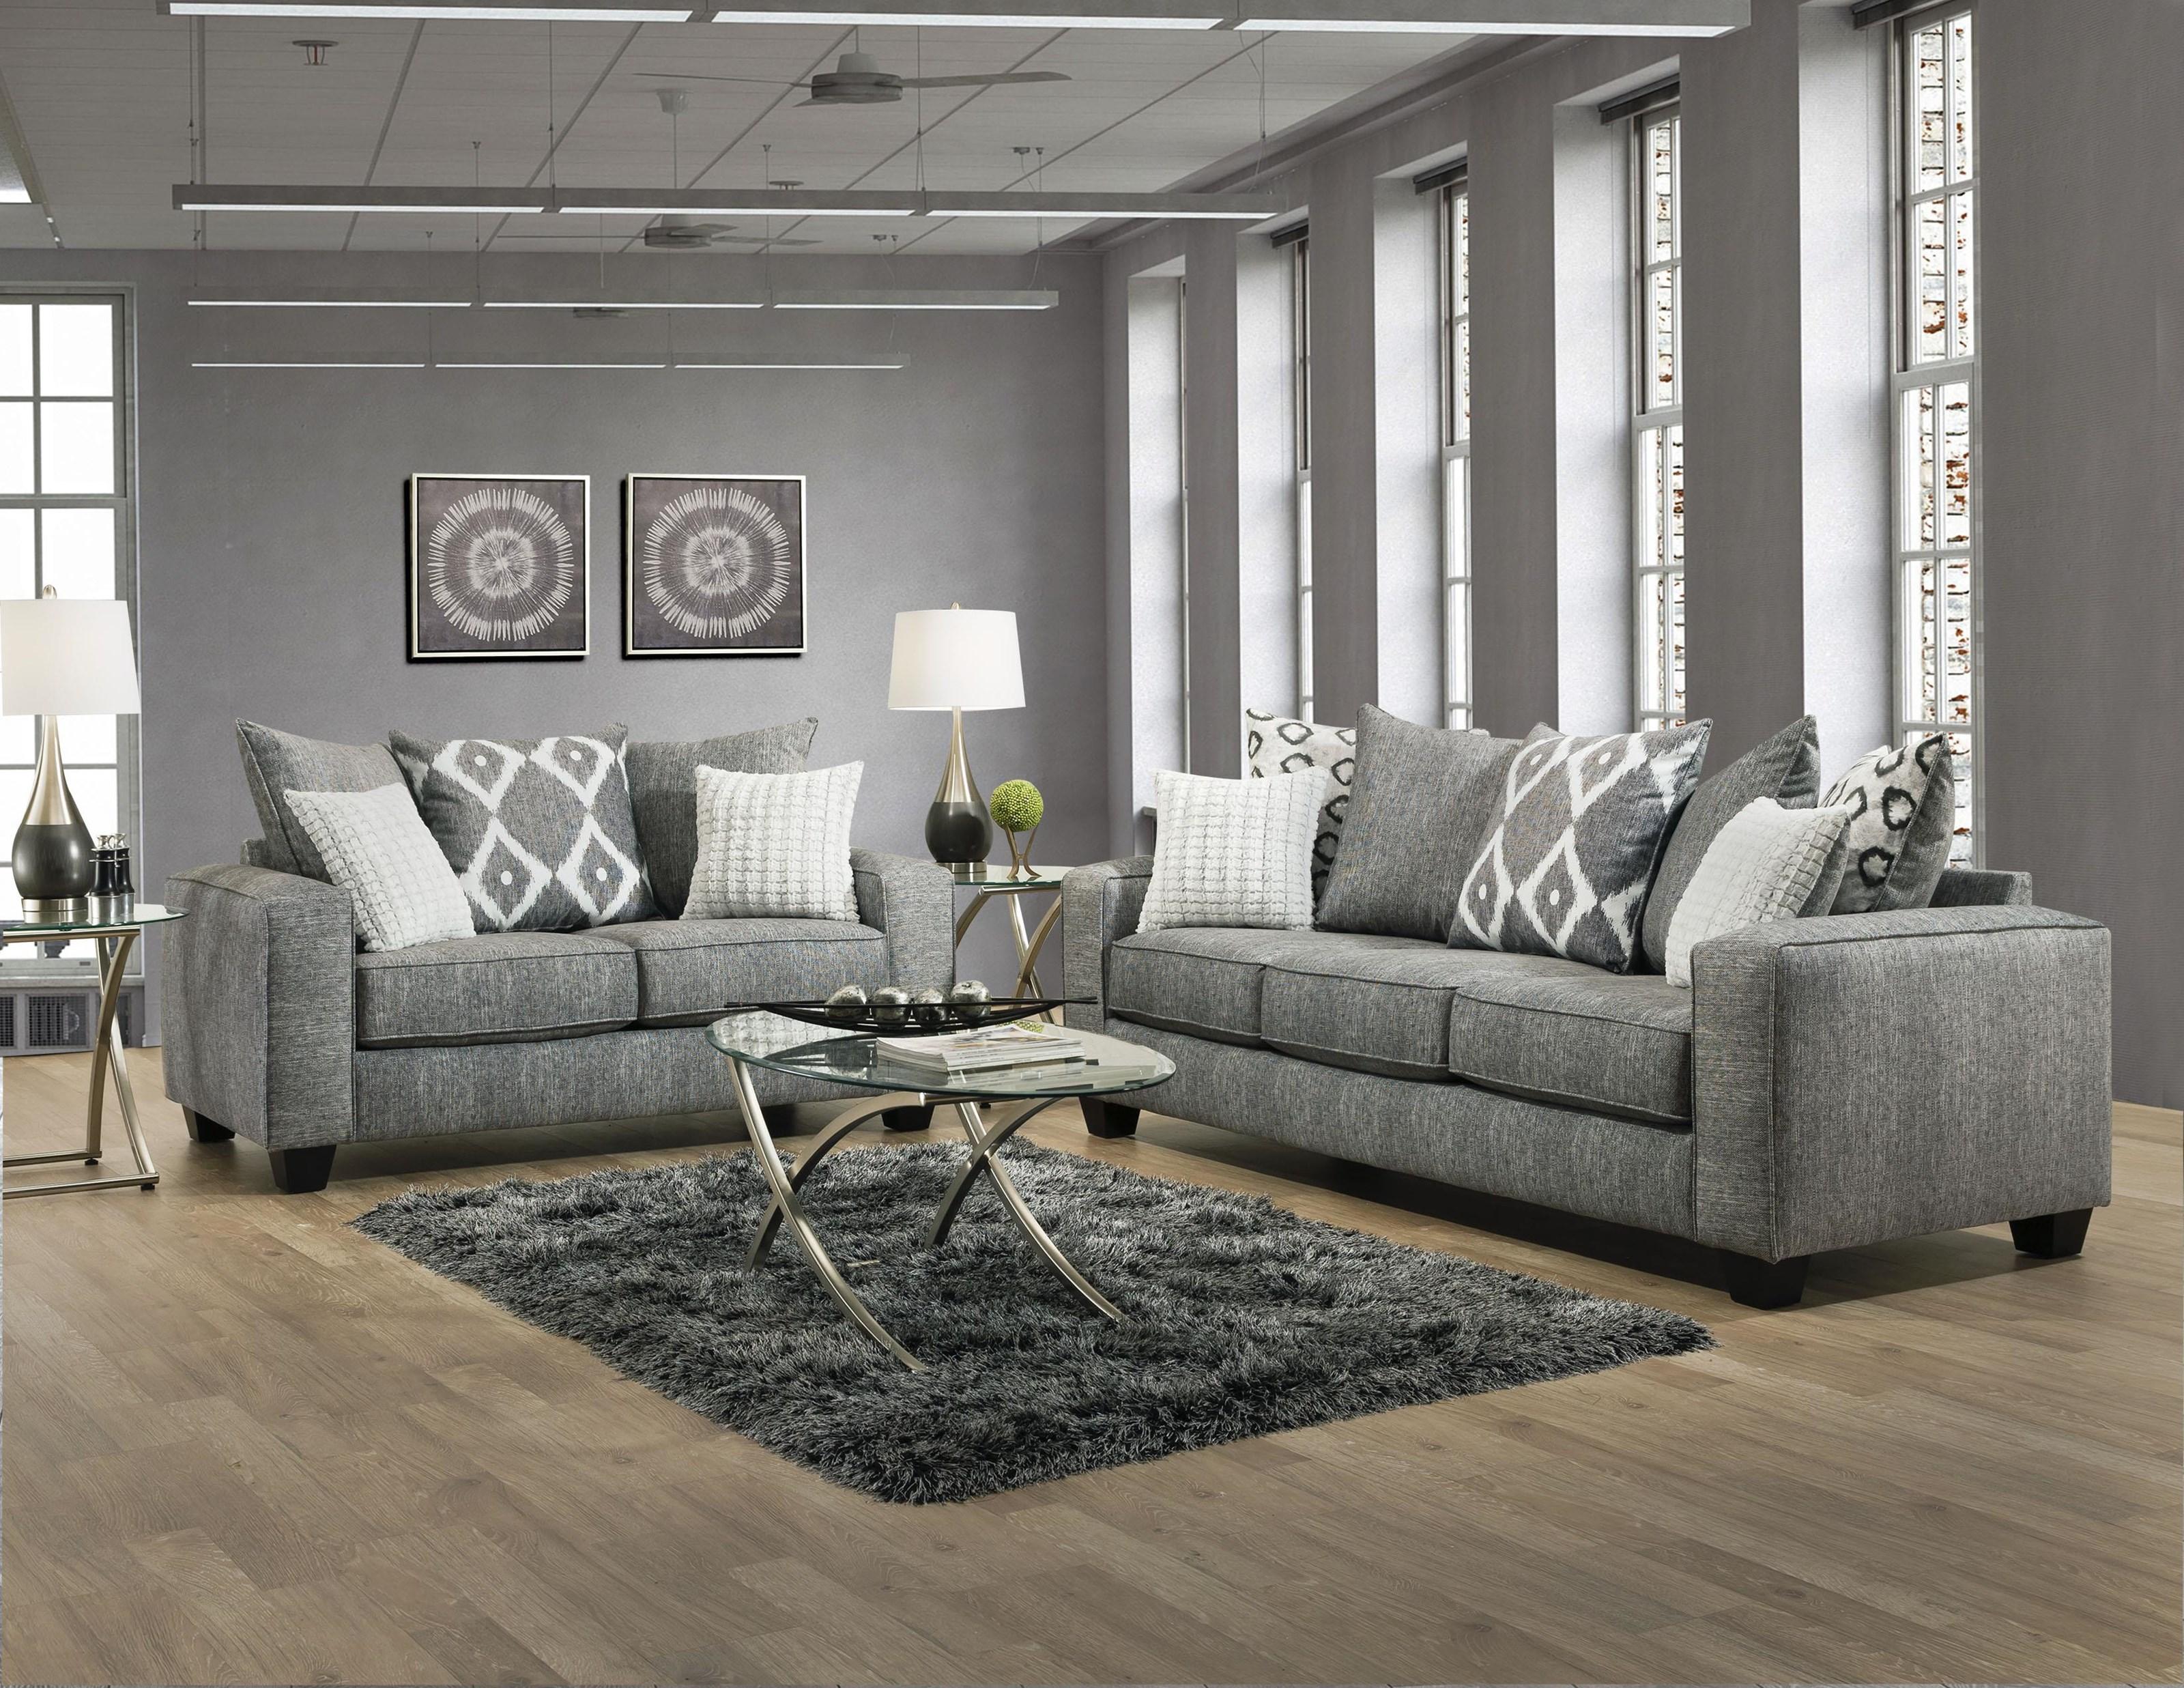 4 Piece Living Room Set